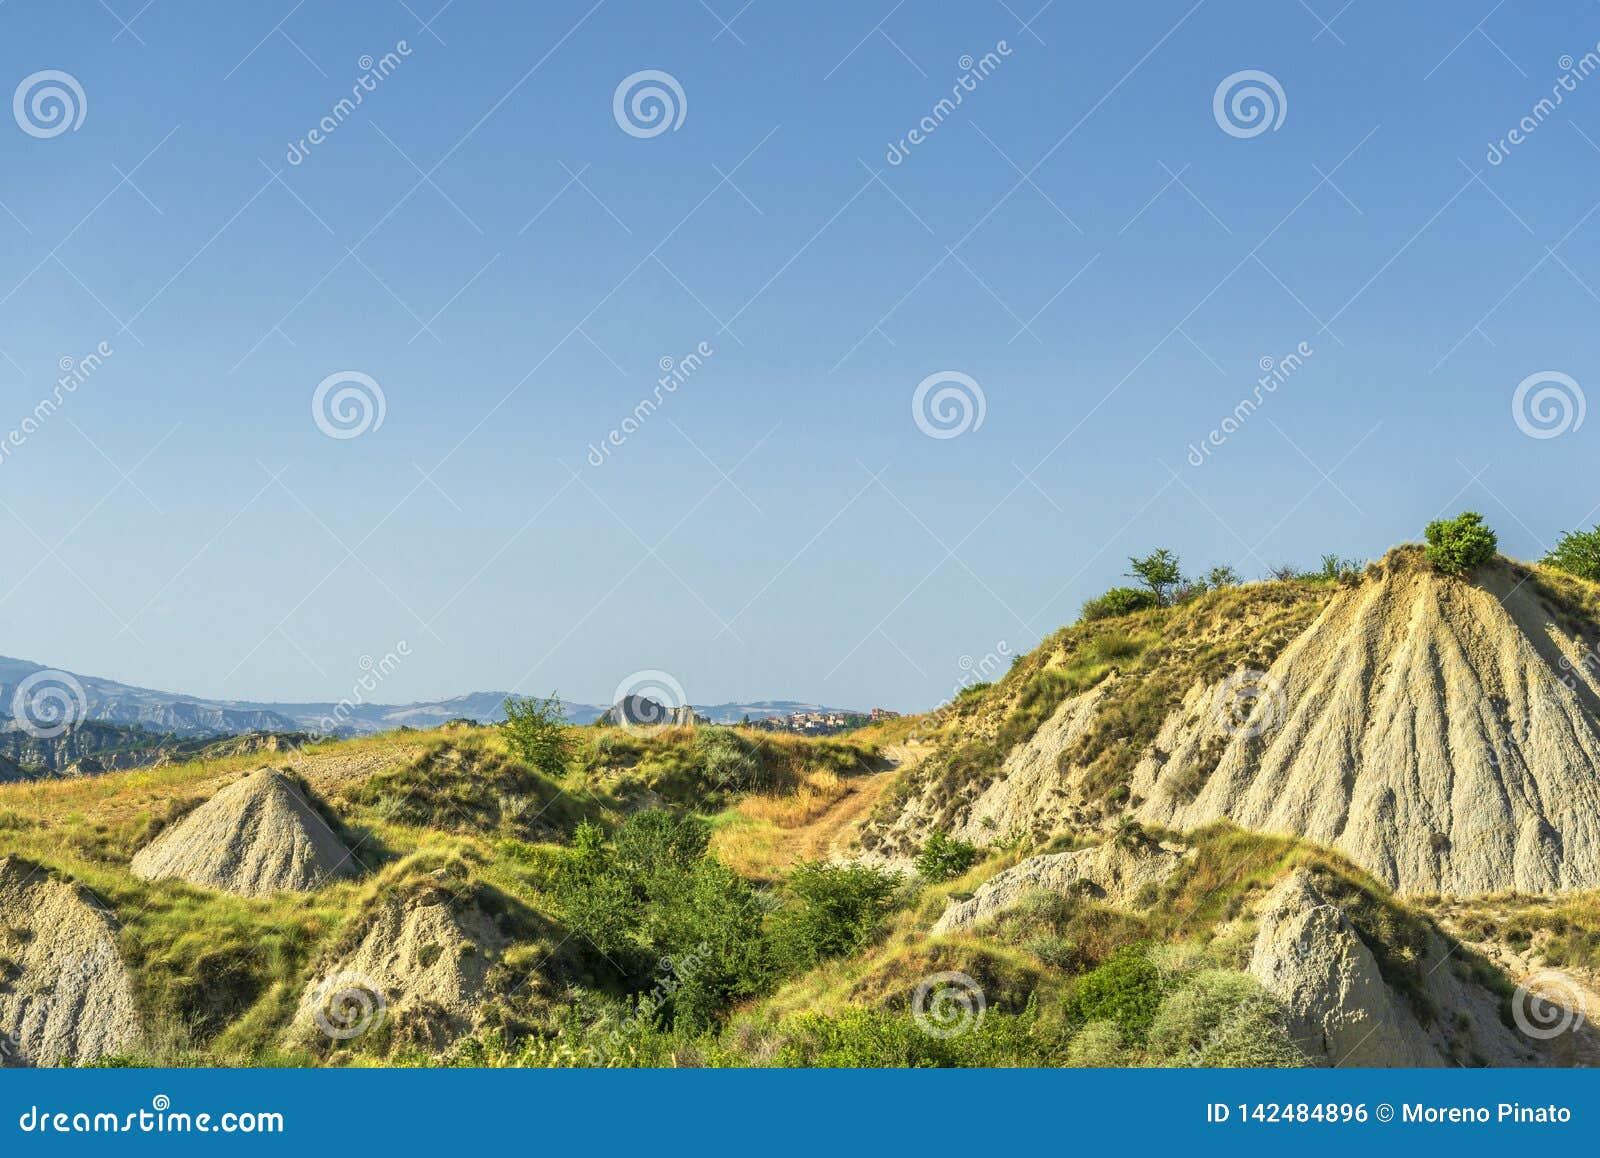 De zomerlandschap over het nationale park van Aliano badlands in Val D 'Agri, Basilicata